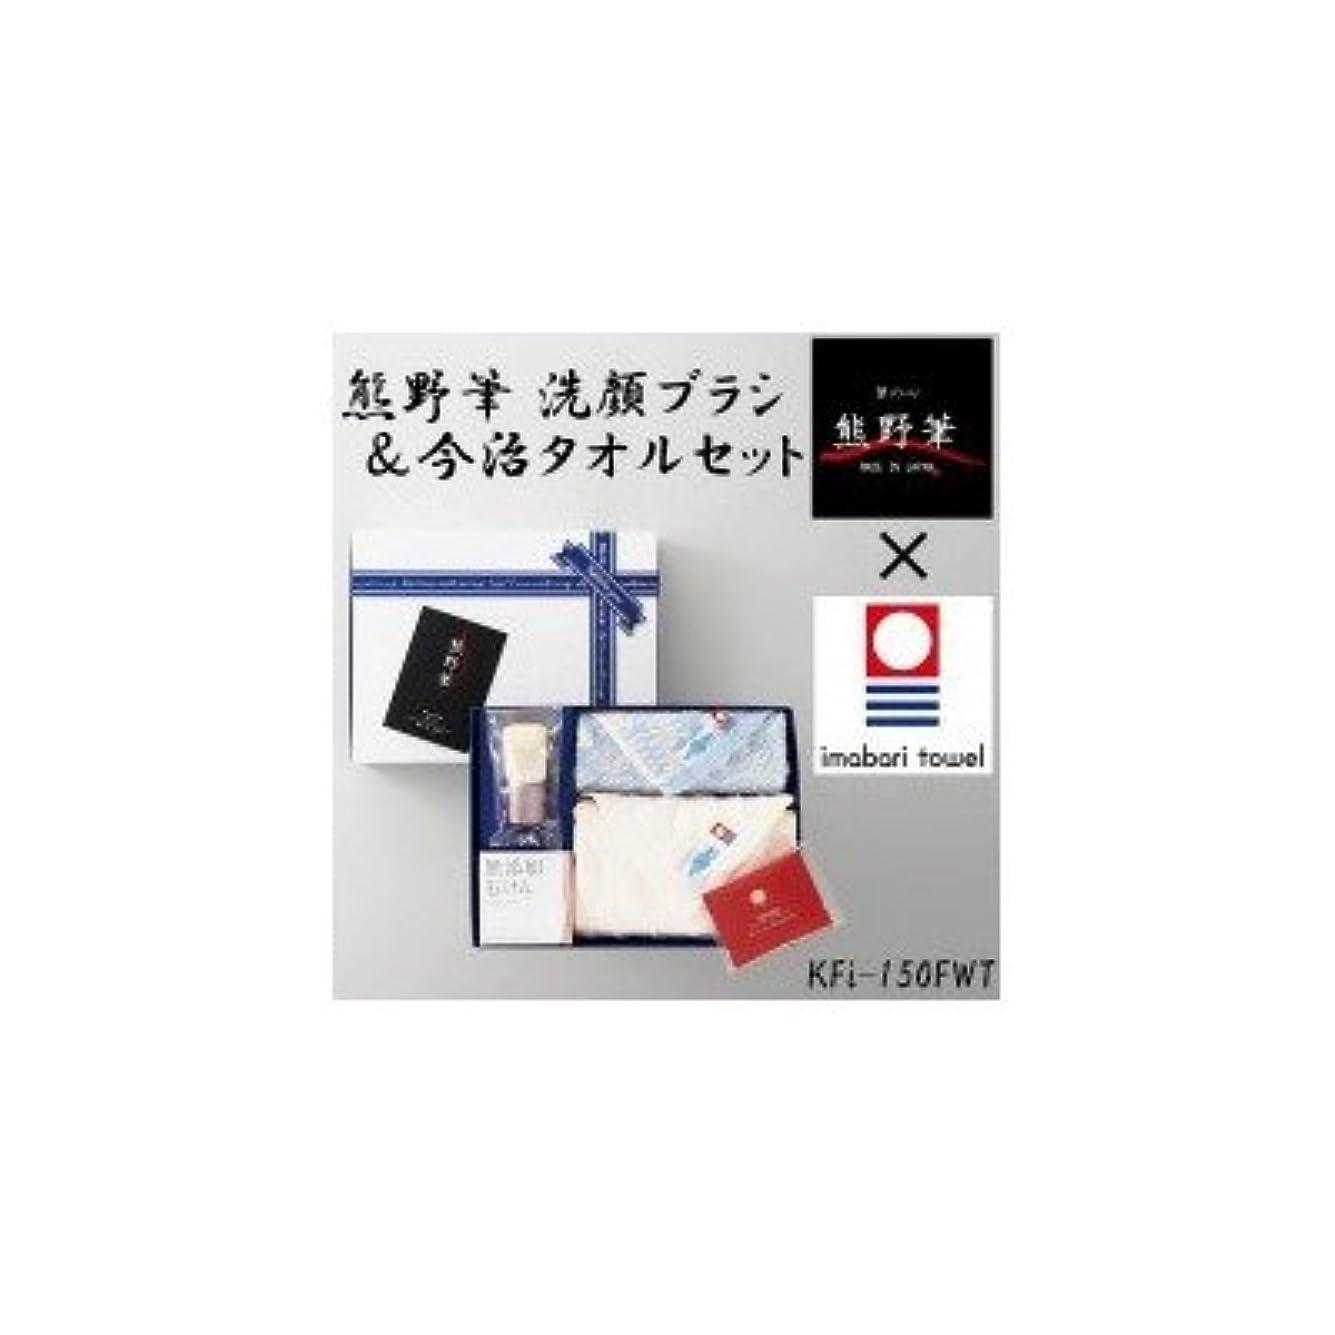 交換分解する不可能な熊野筆と今治タオルのコラボレーション 熊野筆 洗顔ブラシ&今治タオルセット KFi-150FWT